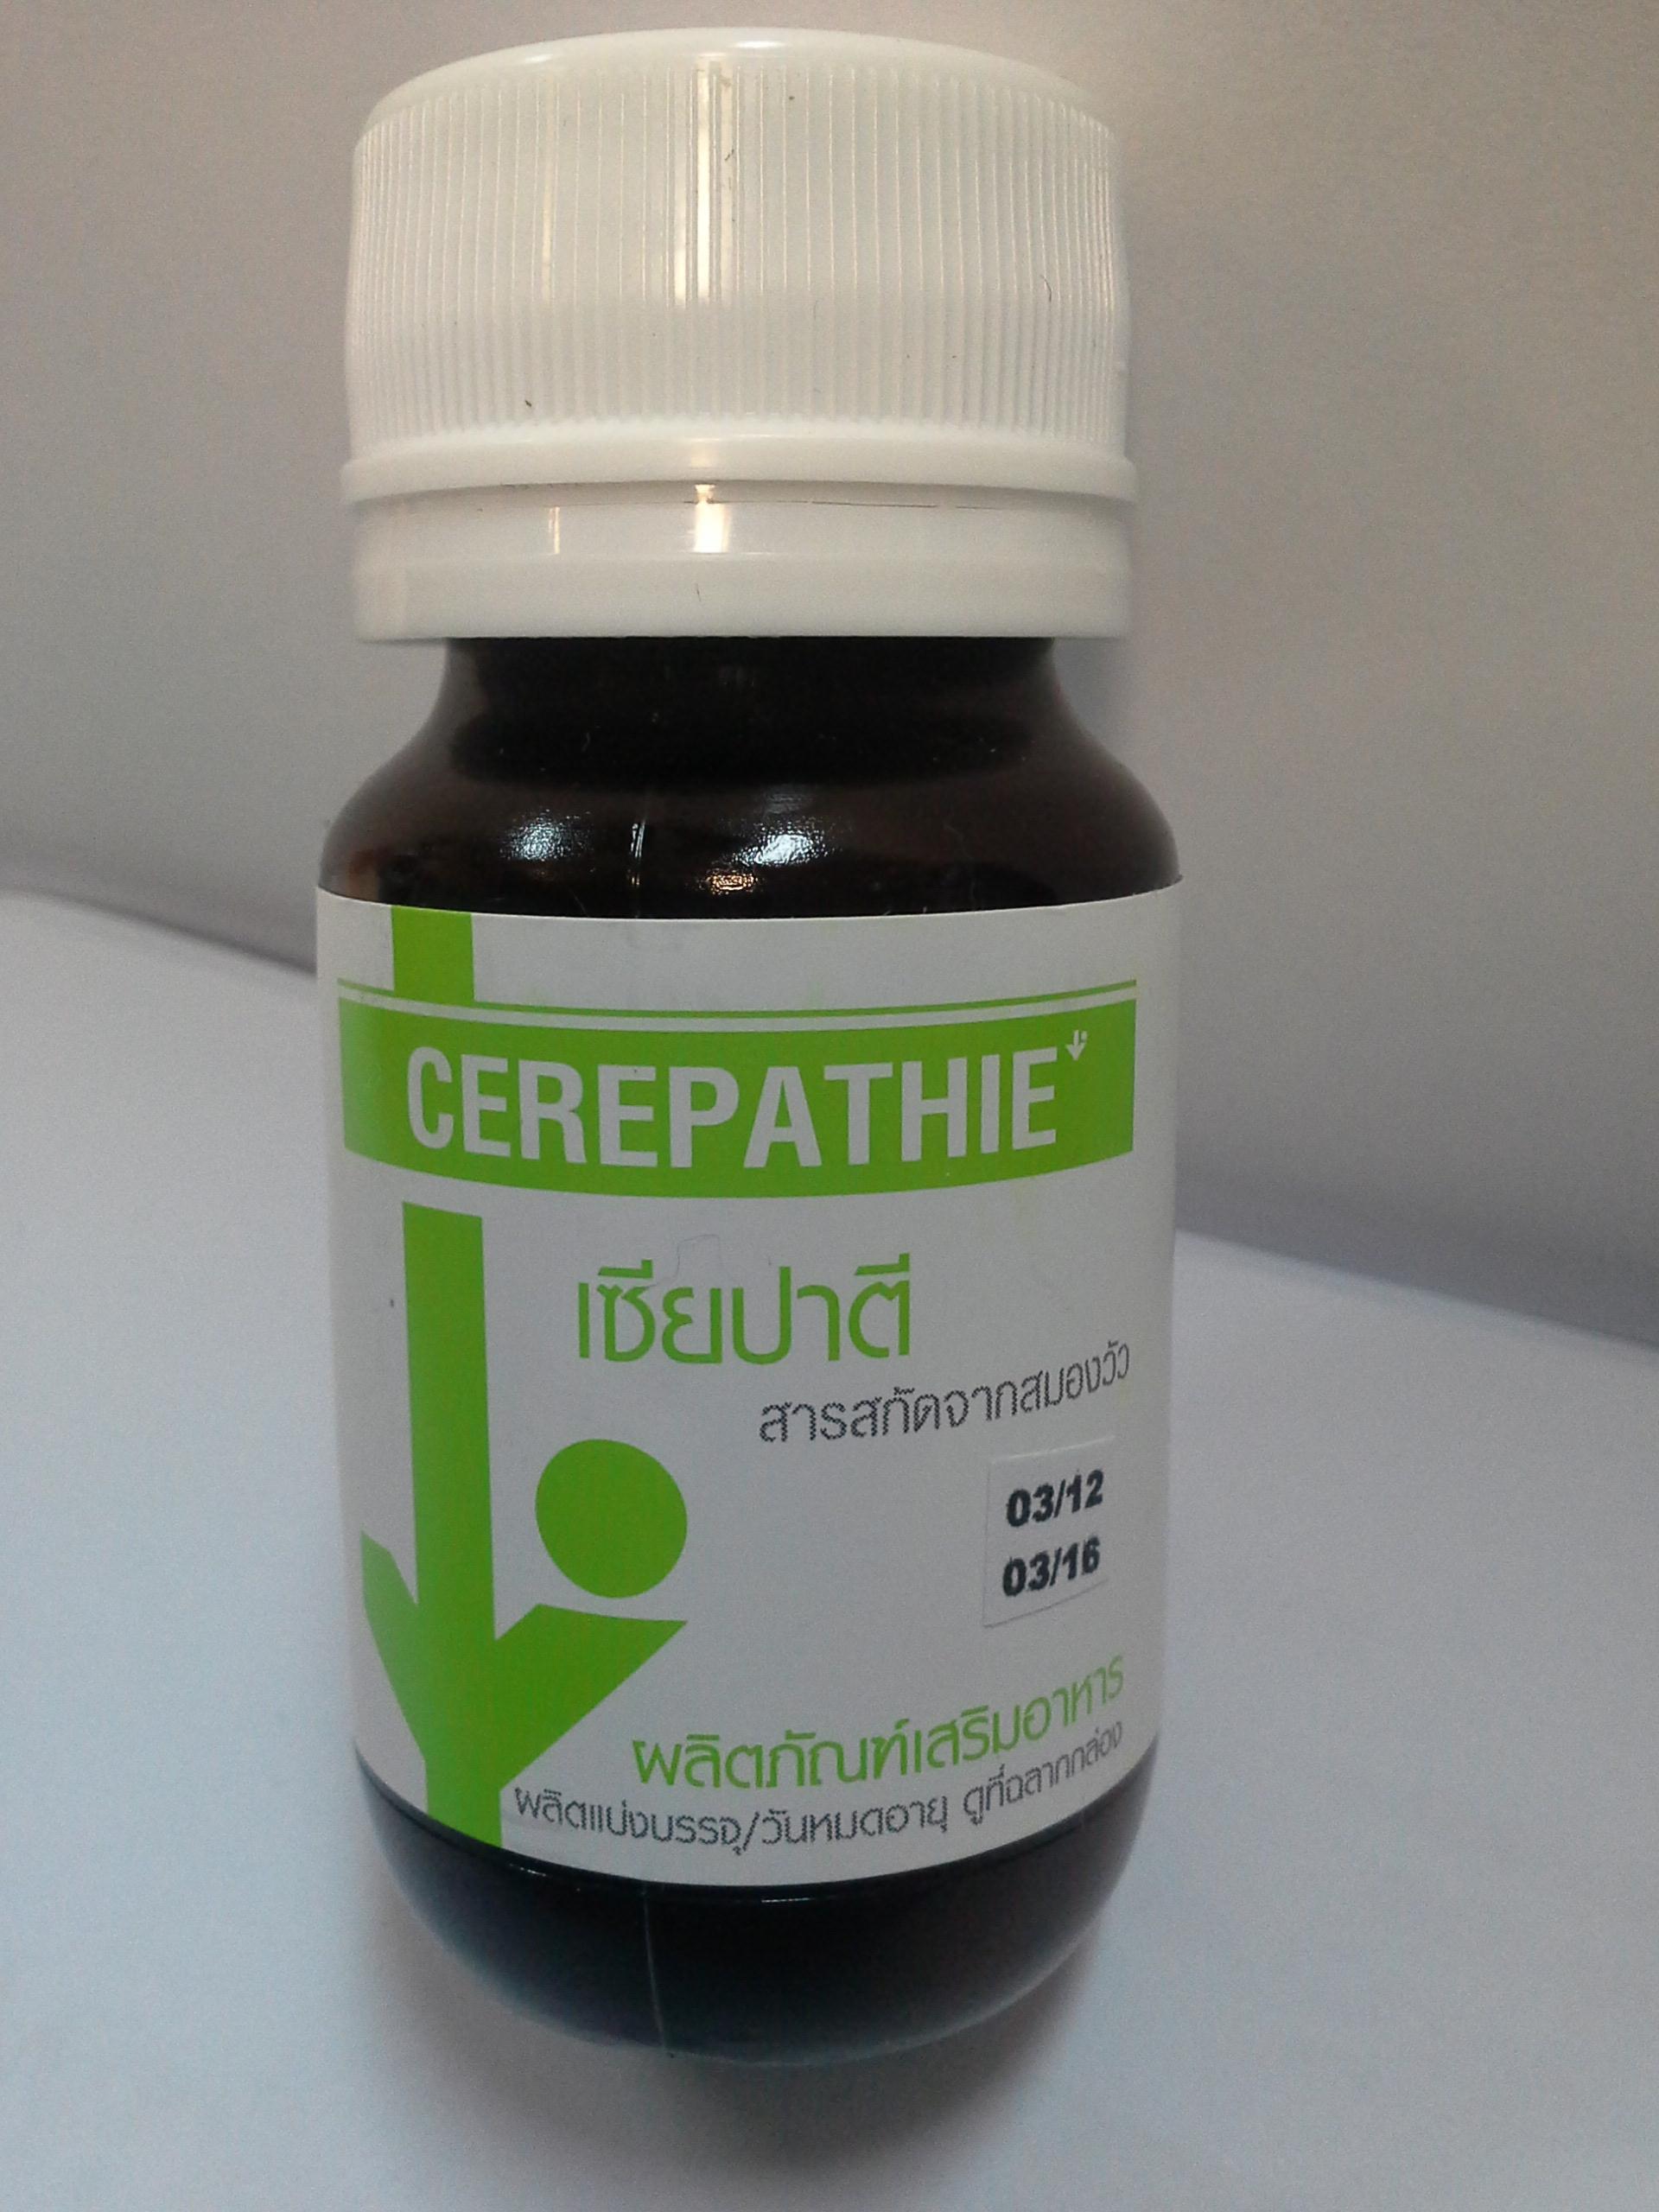 CEREPATHIE (สารสกัดจากสมองวัว : บำรุงสมอง : ความจำ) 75 เม็ด